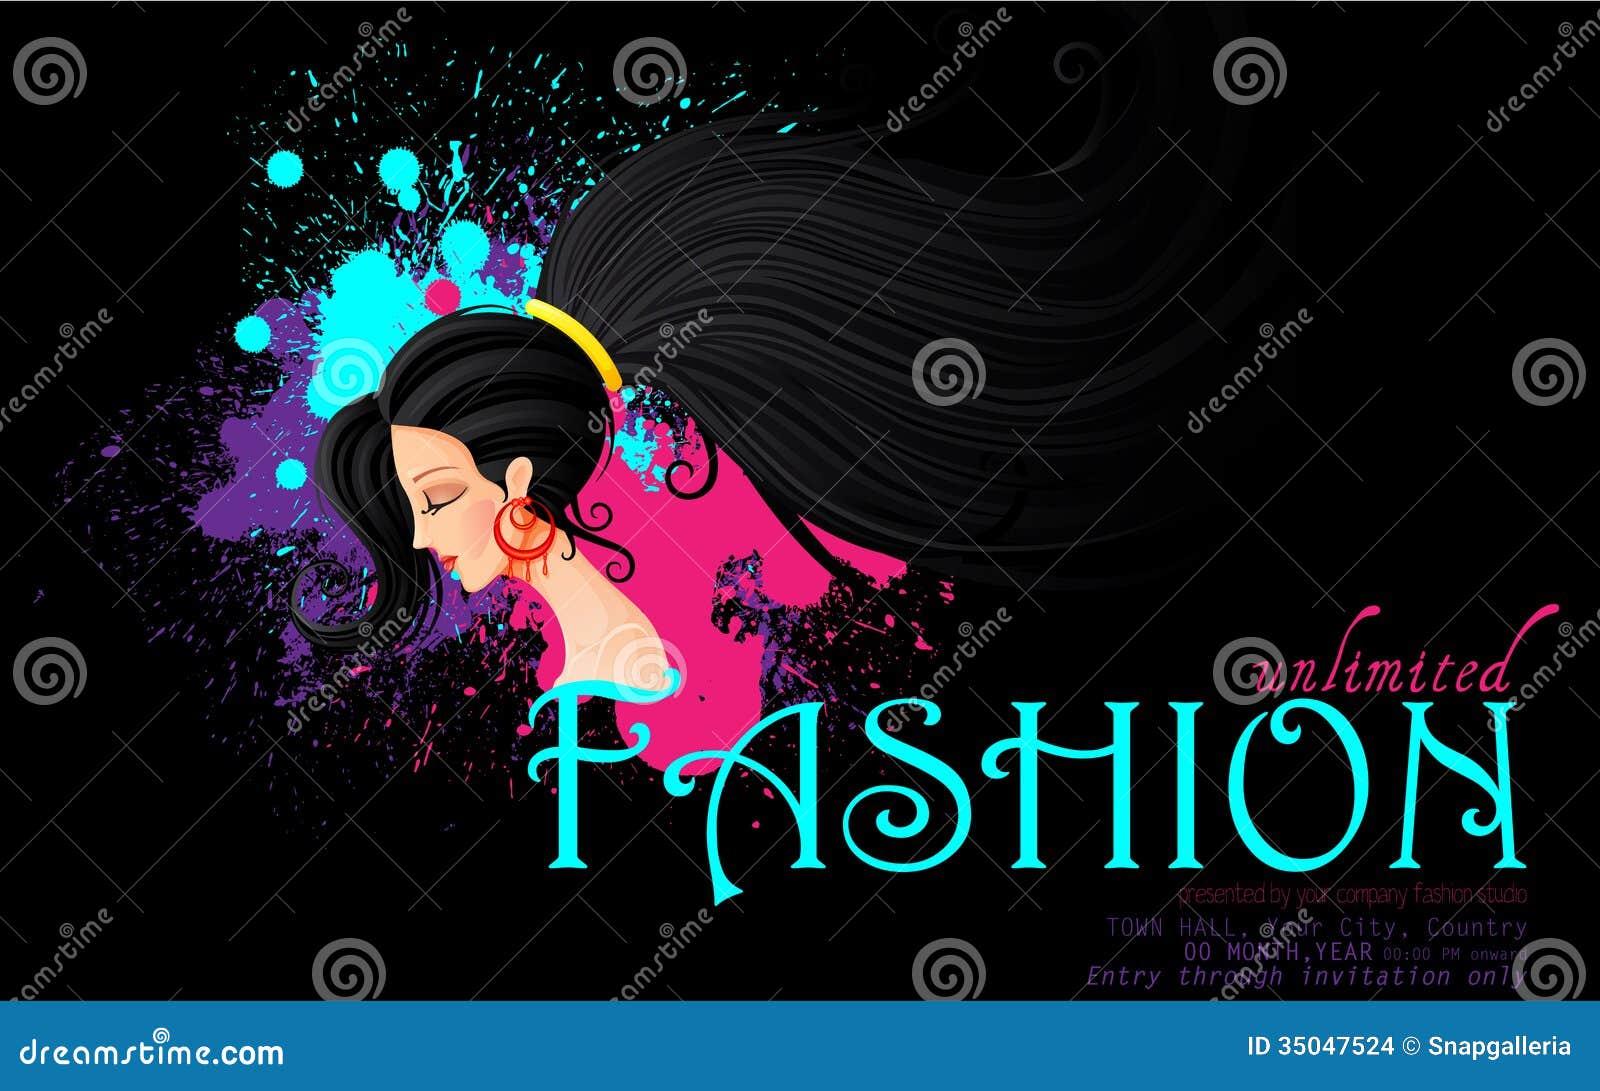 Fashion Show  Fashion Poster Design